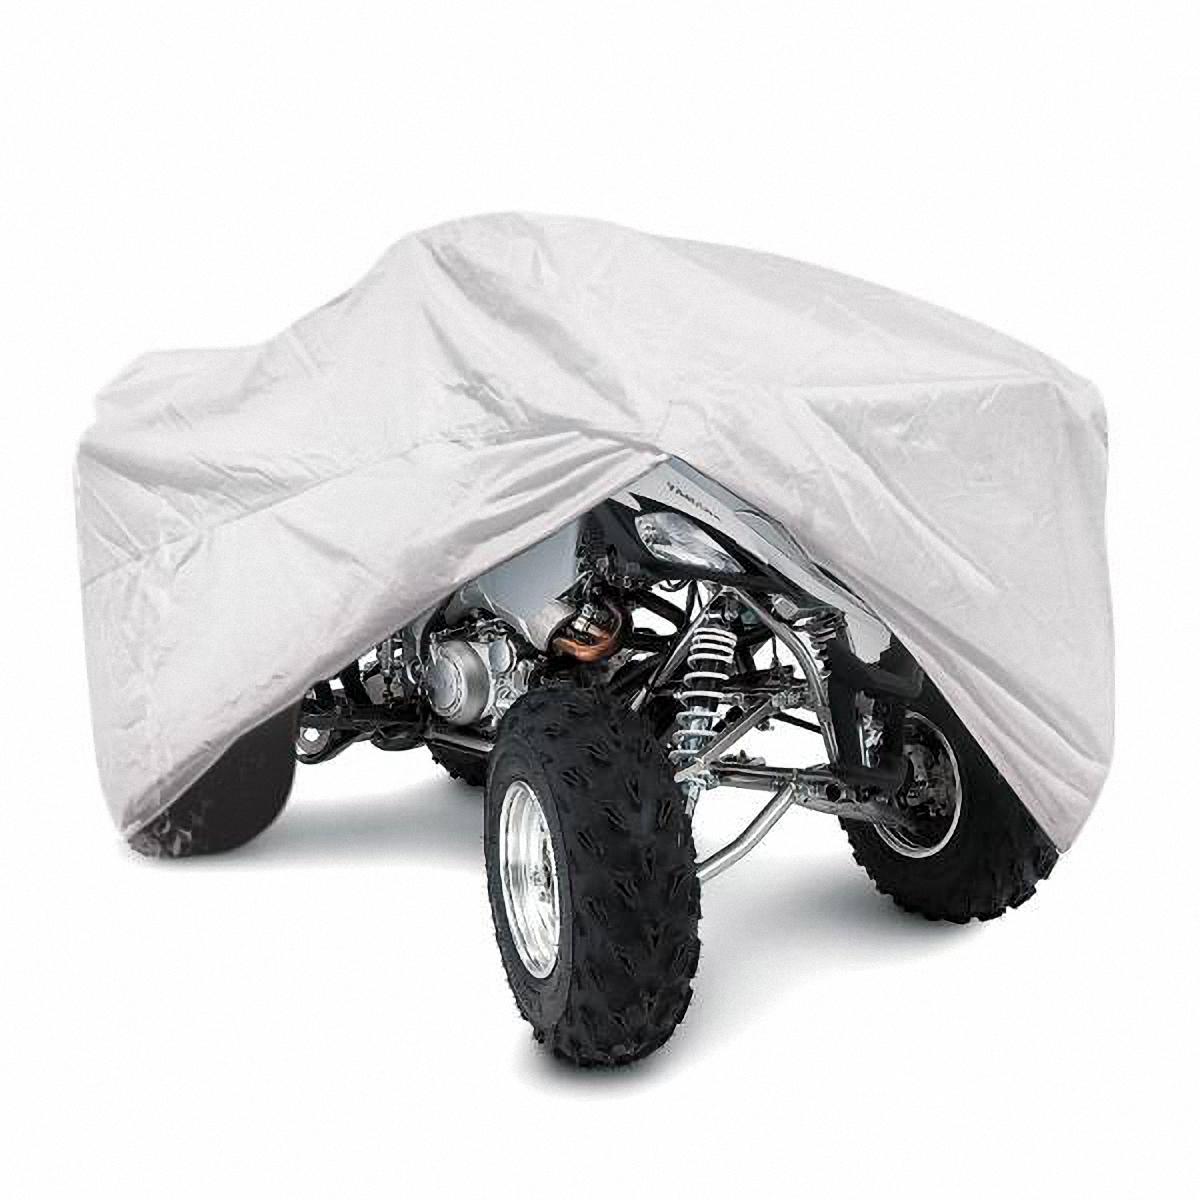 Чехол-тент на квадроцикл Skyway, 251 х 120 х 85 см. Размер XL21395599Тент на квадроцикл позволит защитить кузов вашего транспортного средства от коррозии и загрязнений во время хранения или транспортировки, а вас избавит от необходимости его частого мытья. Чехол-тент предохраняет лакокрасочное покрытие кузова, стекла и фары вашего квадроцикла от воздействия прямых солнечных лучей и неблагоприятных погодных условий, загрязнений. Легко и быстро надевается на квадроцикл, не царапая и не повреждая его.Изготовлен из высококачественного полиэстера. В передней и задней части тента вшиты резинки, стягивающие его нижний край под передним и задним бамперами. Обладает высокой влаго- и износостойкостью. Обладает светоотражающими и пылезащитными свойствами. Выдерживает как низкие, так и высокие температуры. Воздухопроницаемый материал. Состав: полиэстер. Размер: 251 х 120 х 85 см.